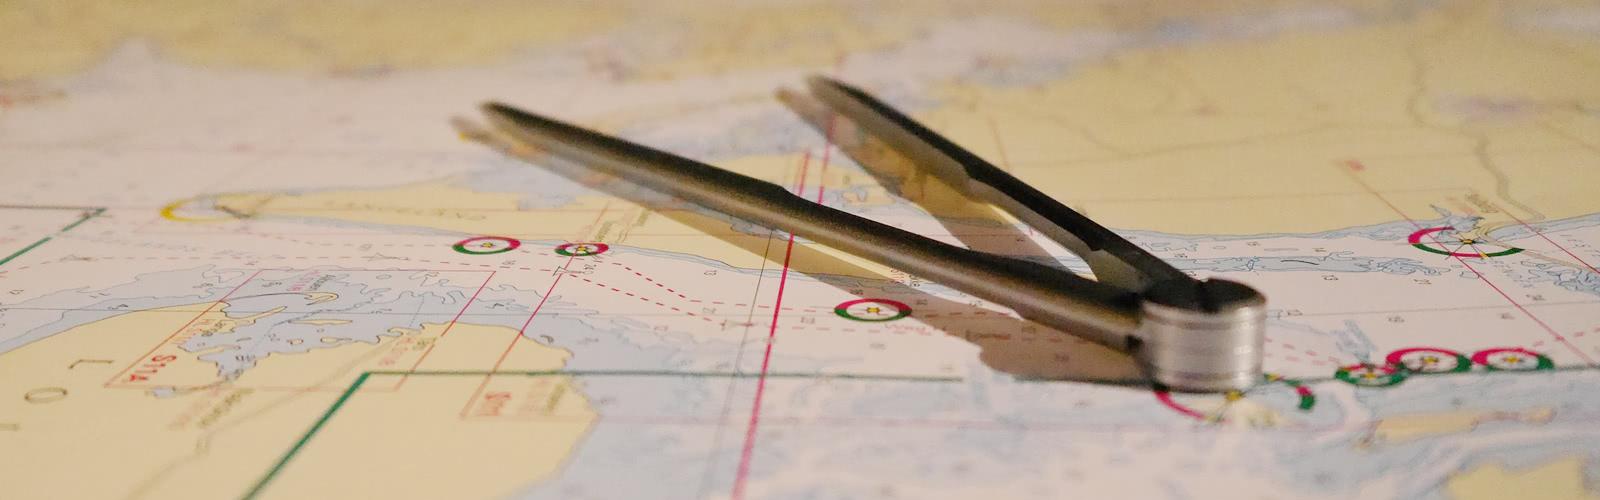 Cartographie numérique